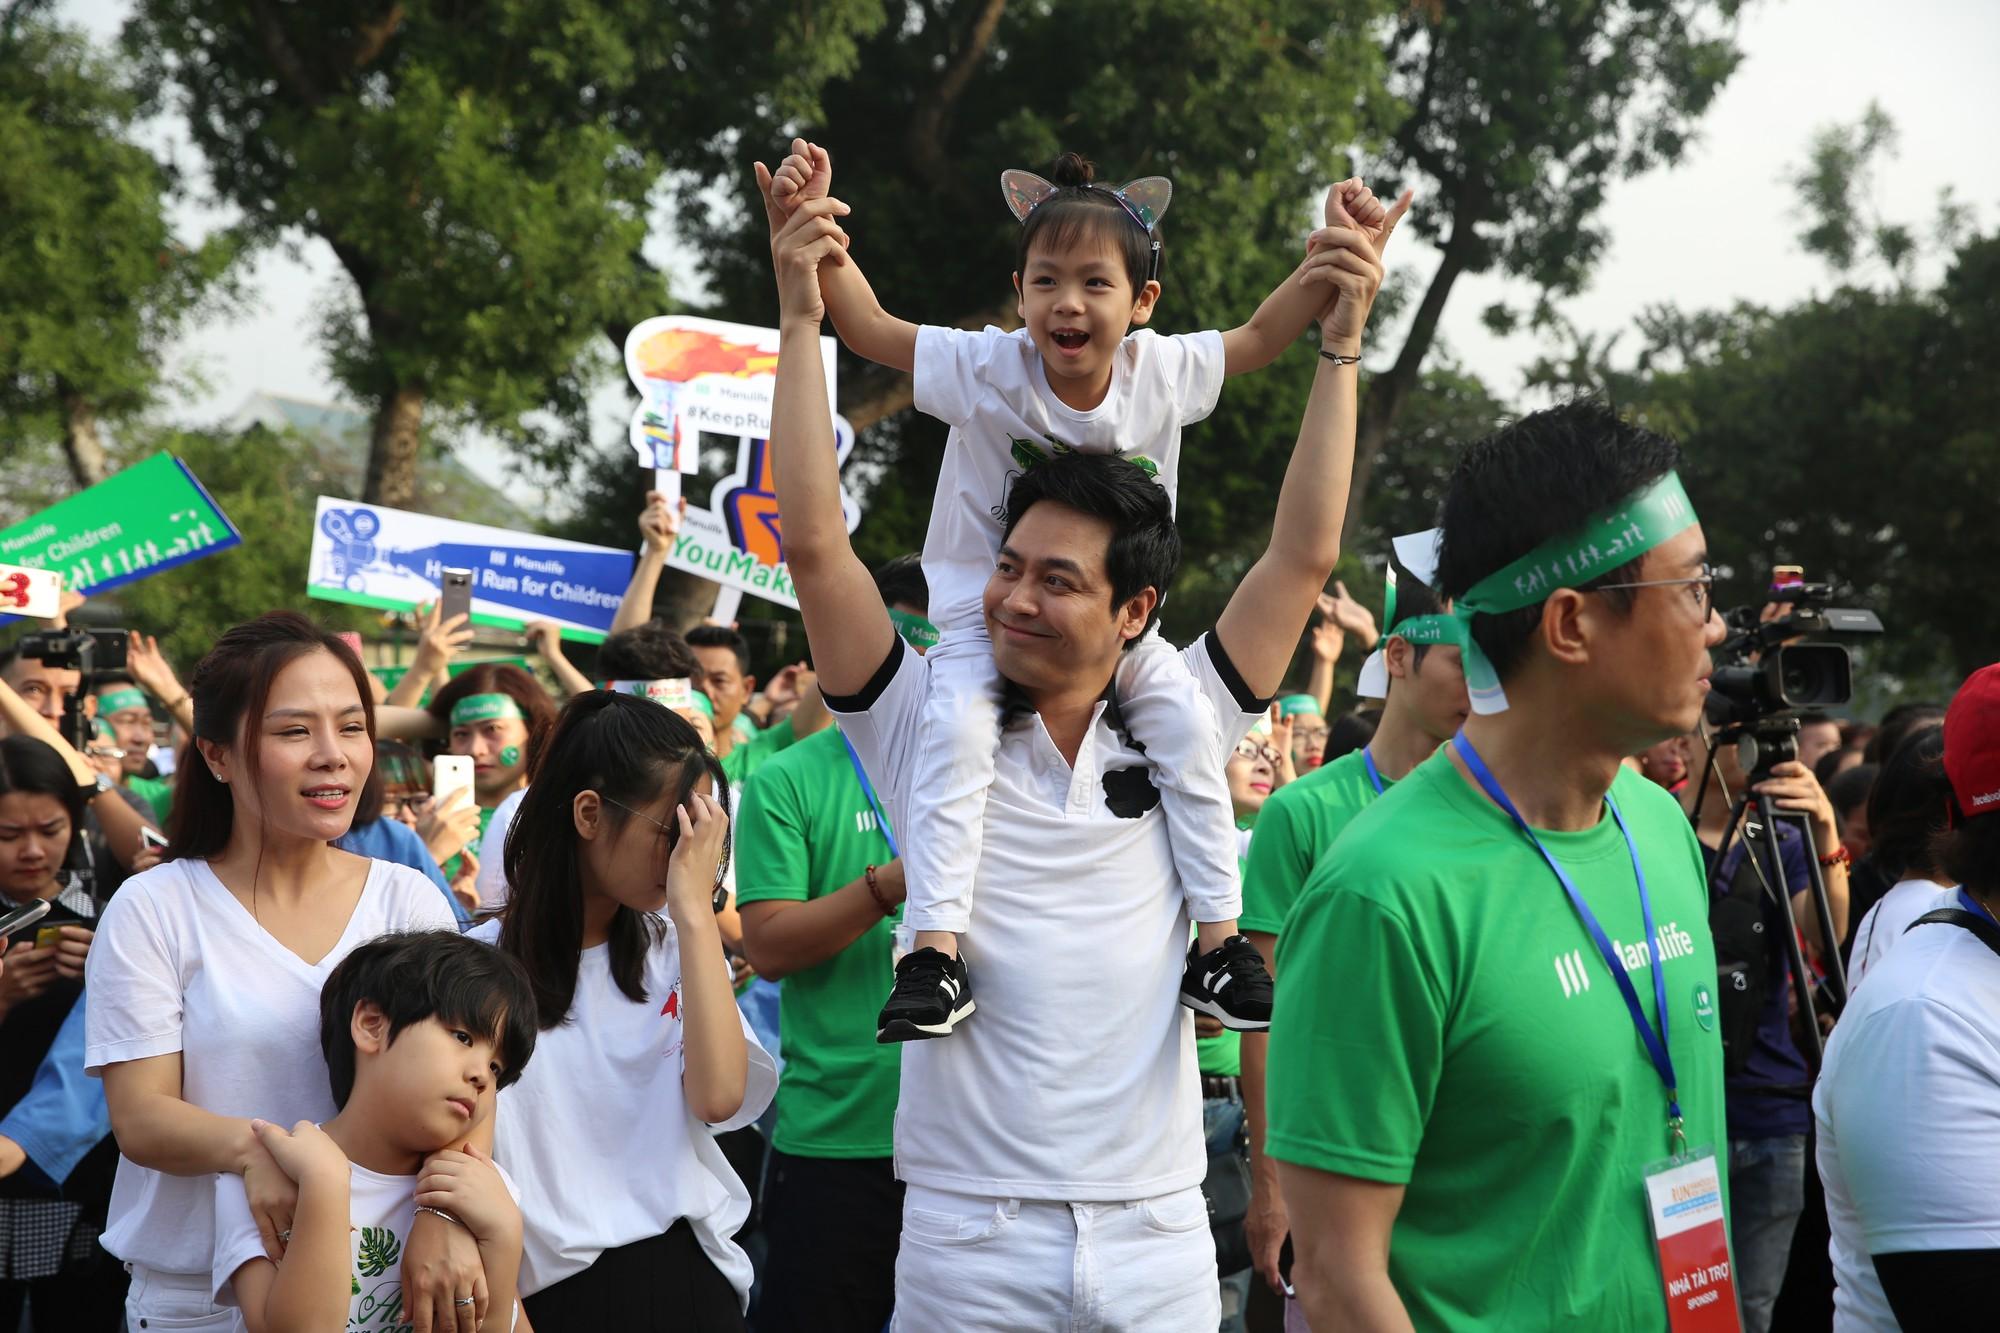 Chạy vì trẻ em Hà Nội 2018 thu hút hàng nghìn người tham dự, quyên góp hơn 1 tỷ đồng - Ảnh 7.